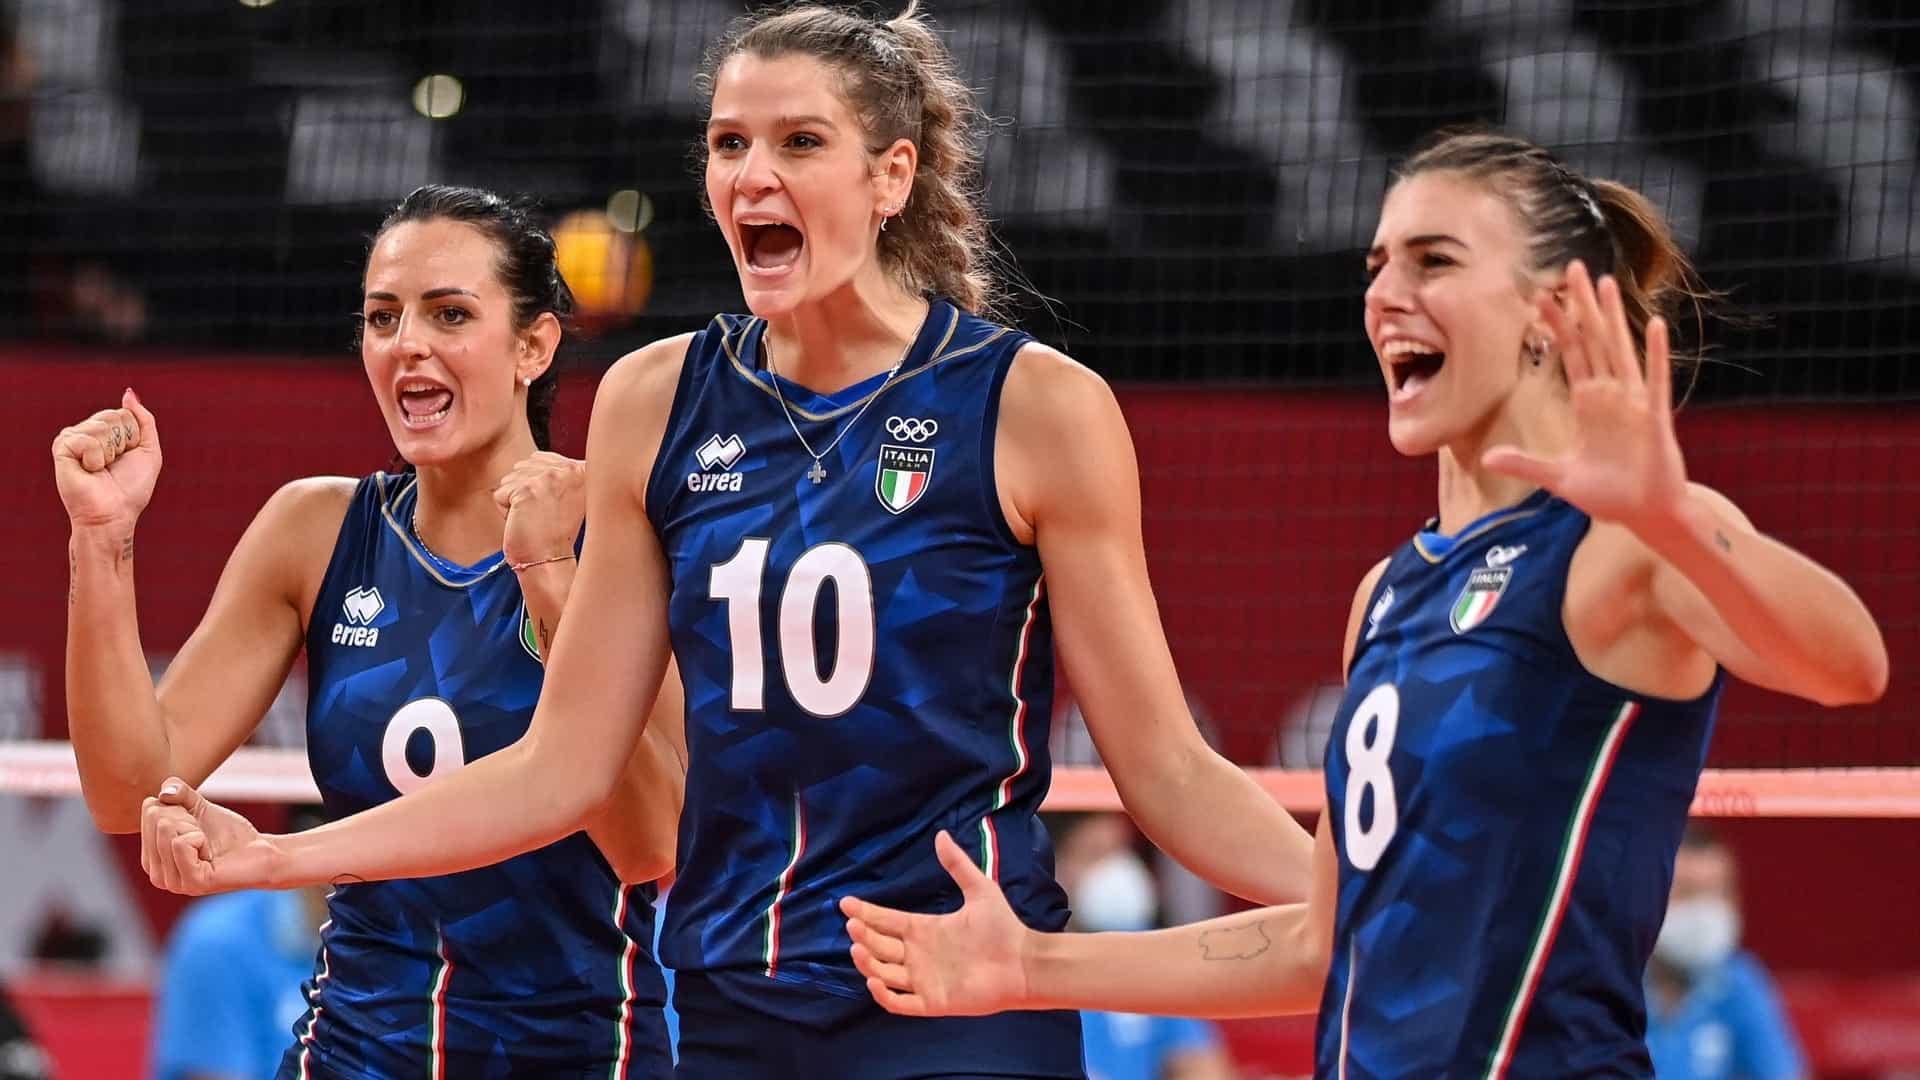 Italy's Caterina Bosetti, Cristina Chirichella and Alessia Orro celebrate during Italy's win...